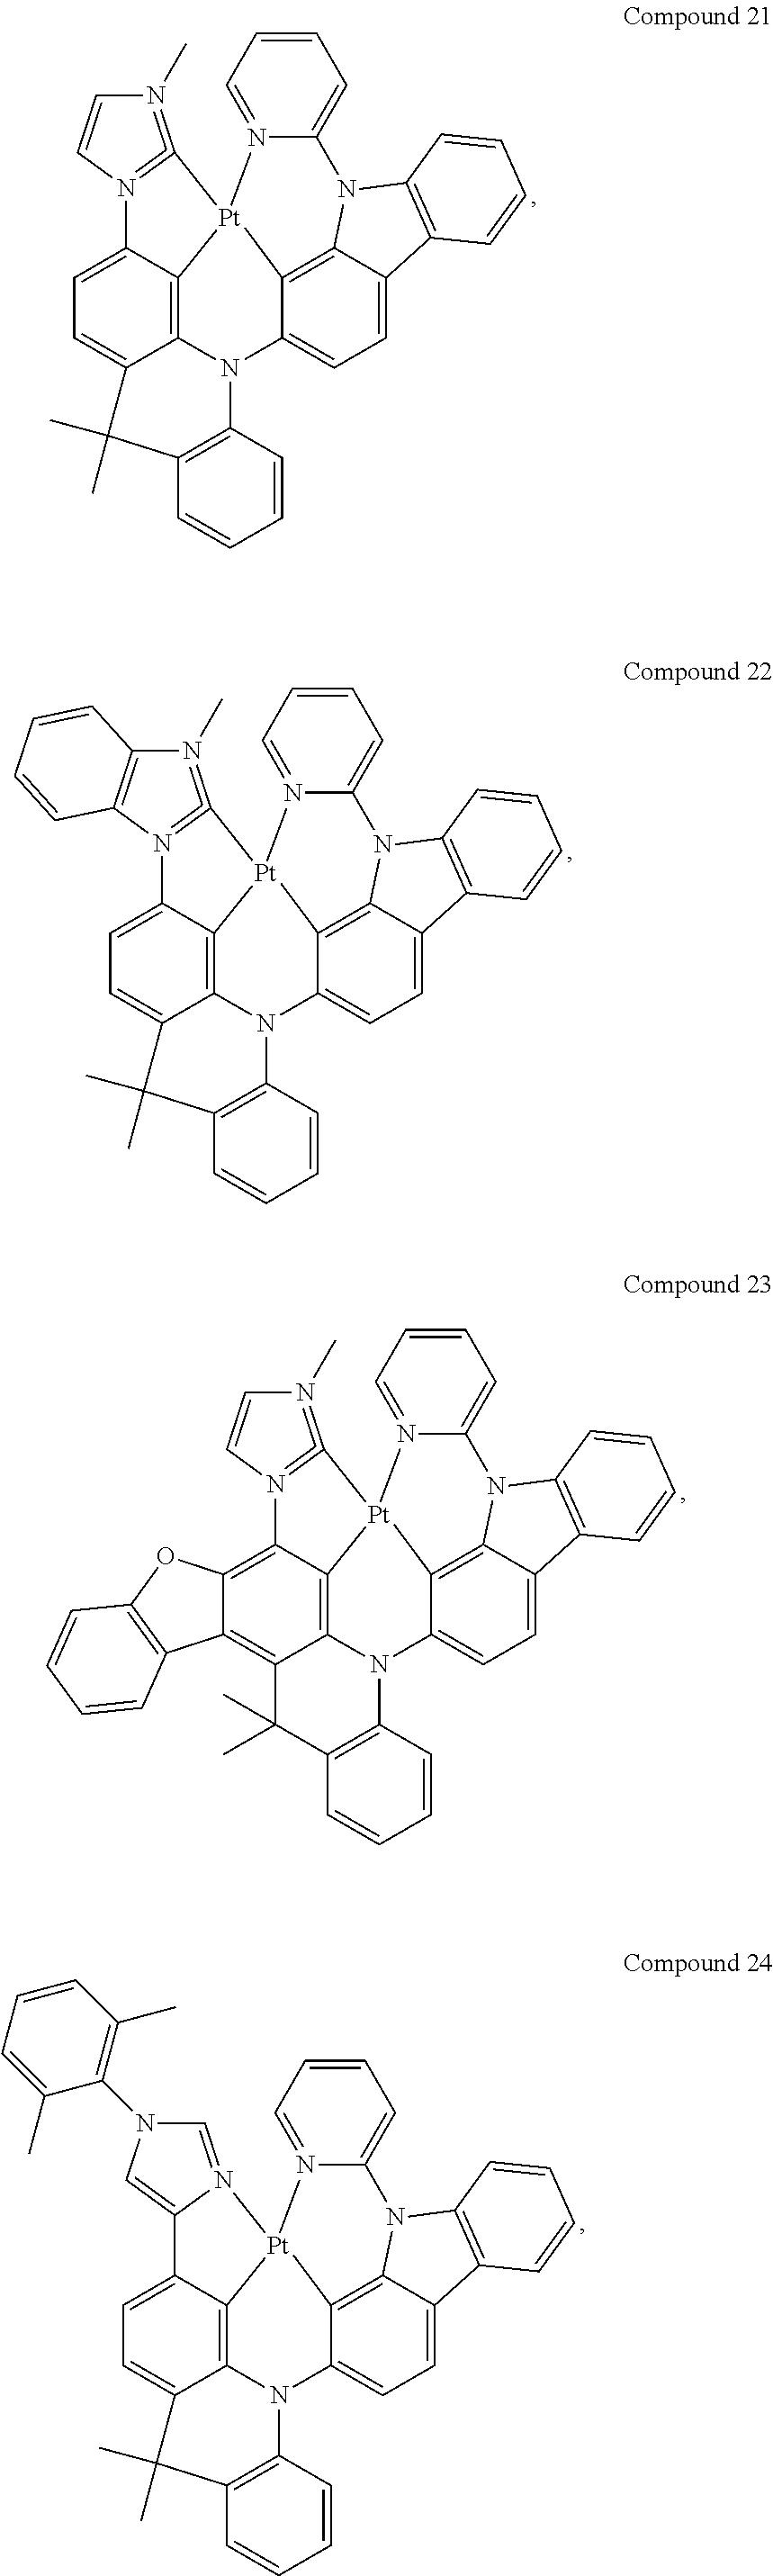 Figure US09312505-20160412-C00014